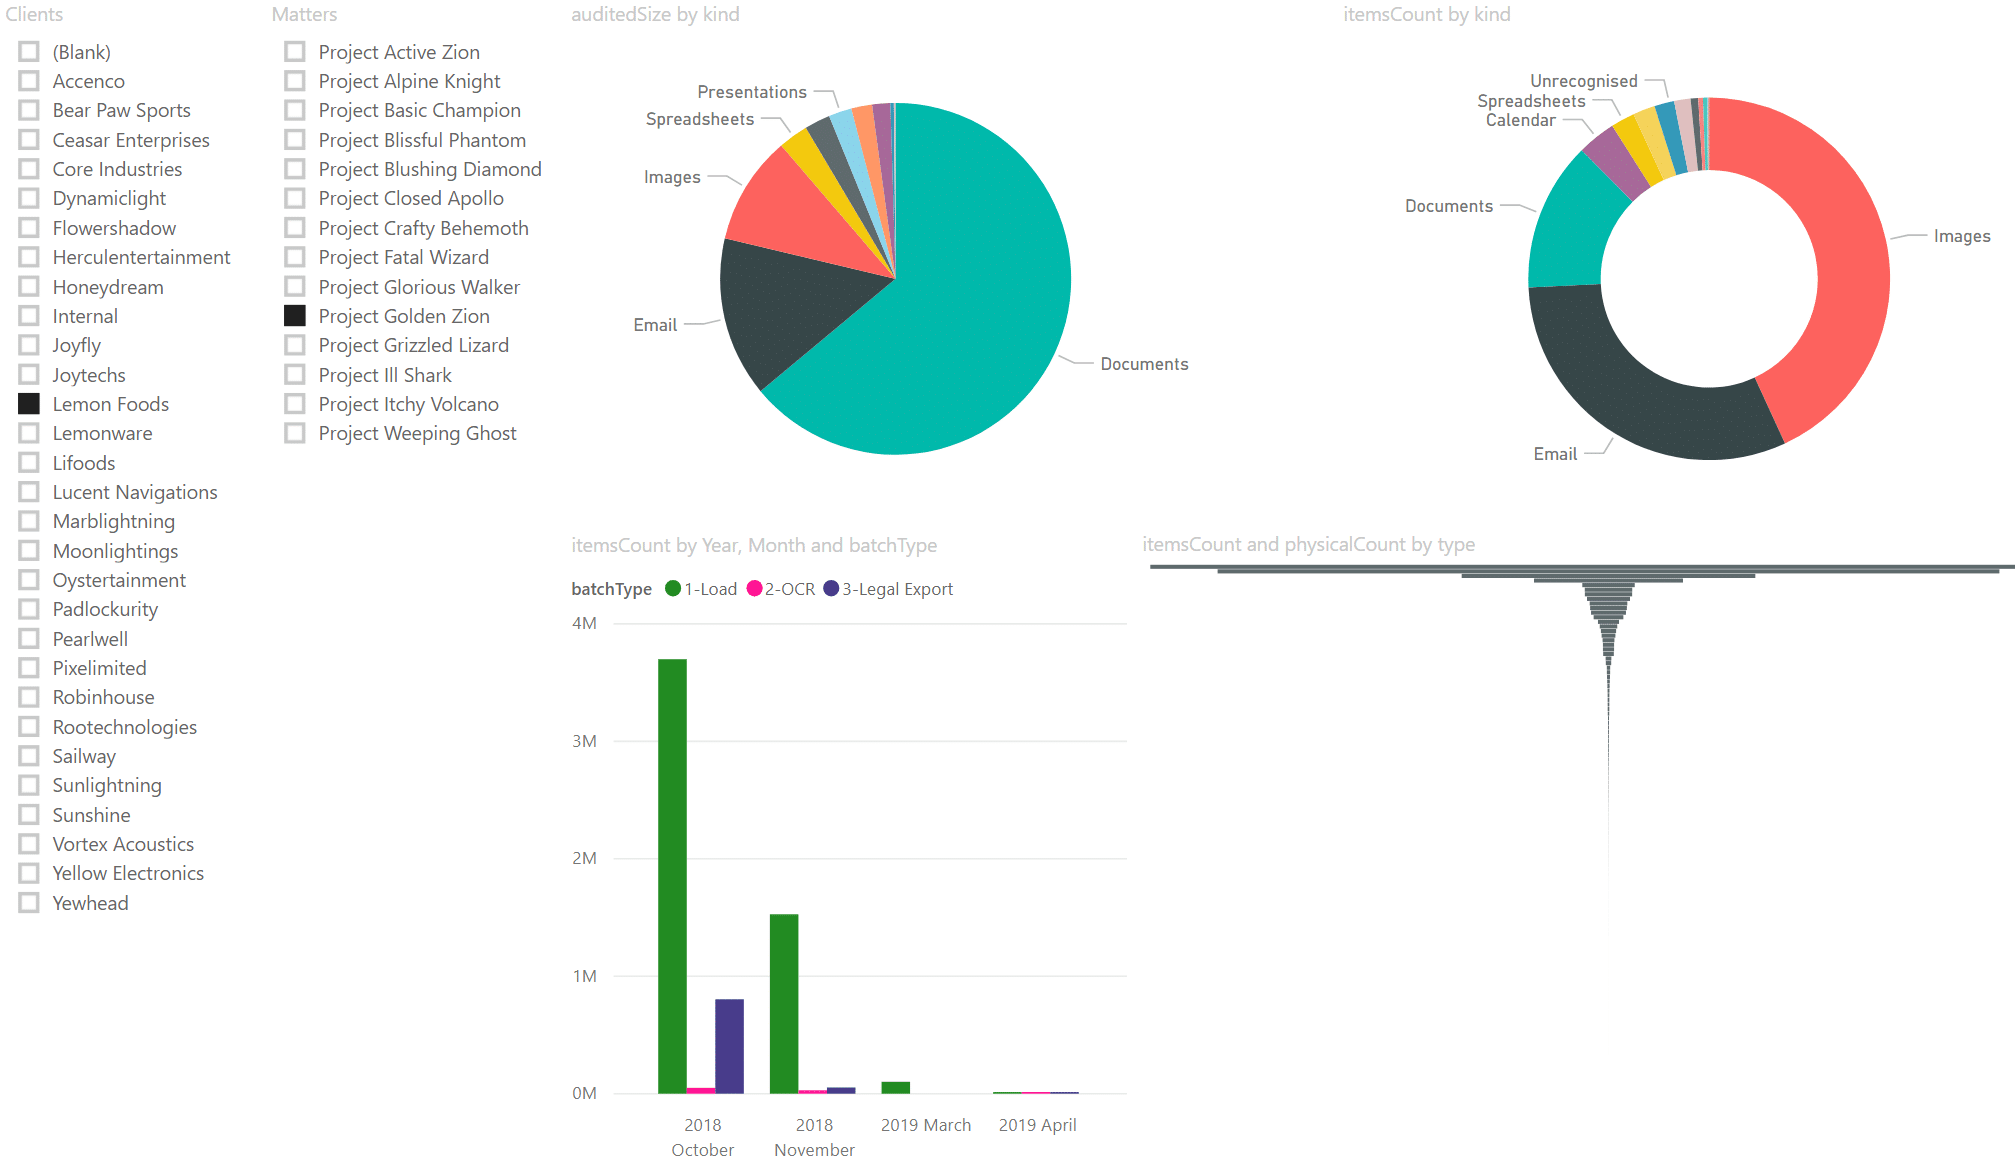 Matter Overview